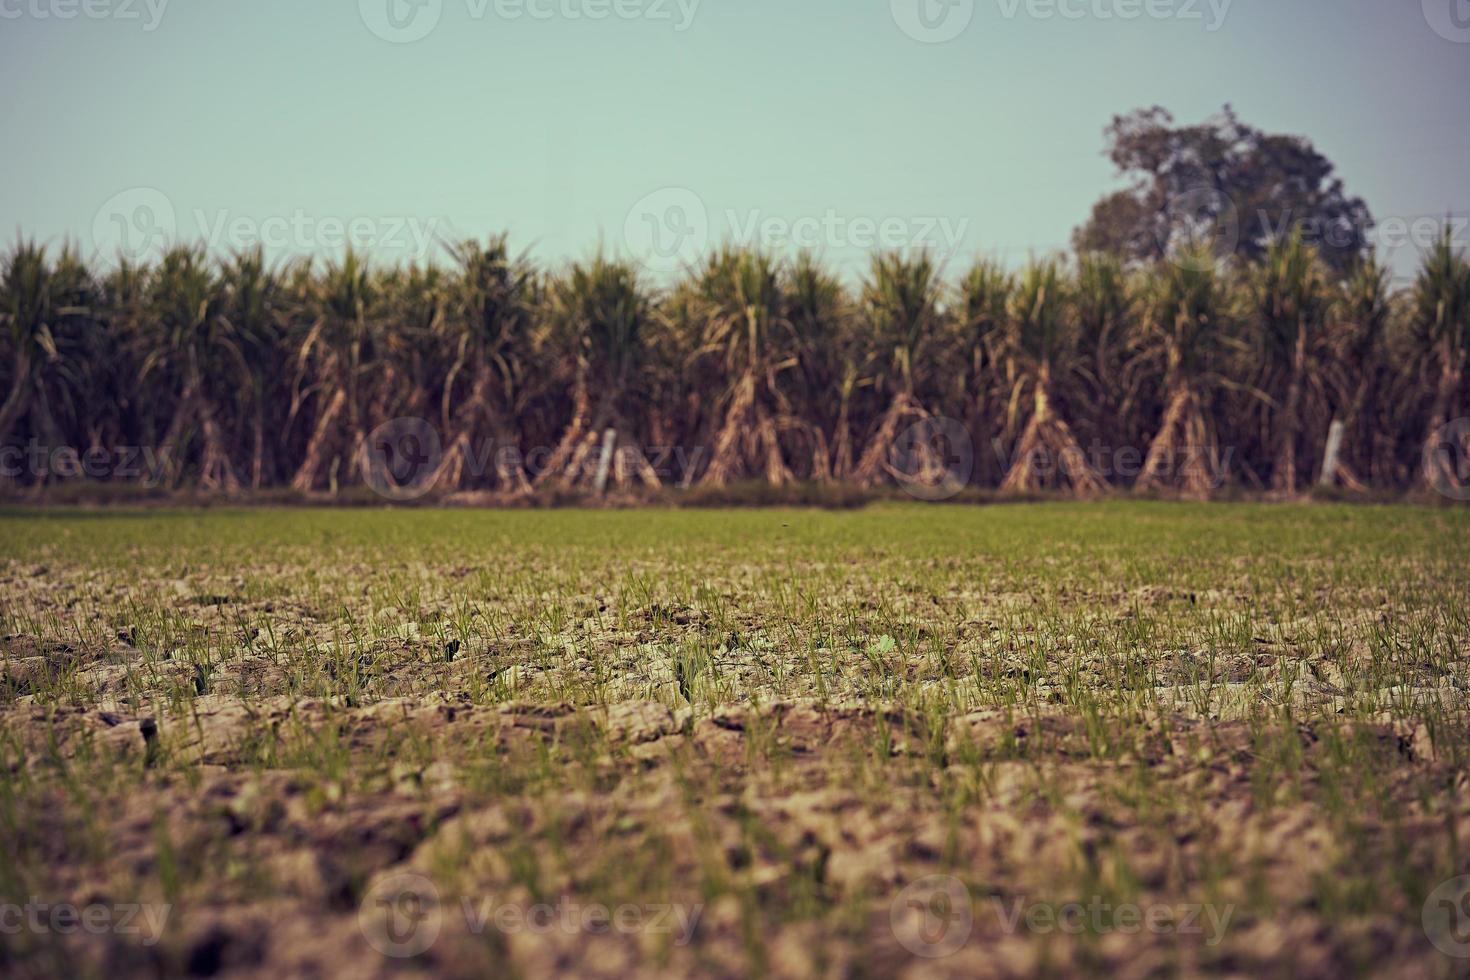 piantine di canna da zucchero in una fattoria foto